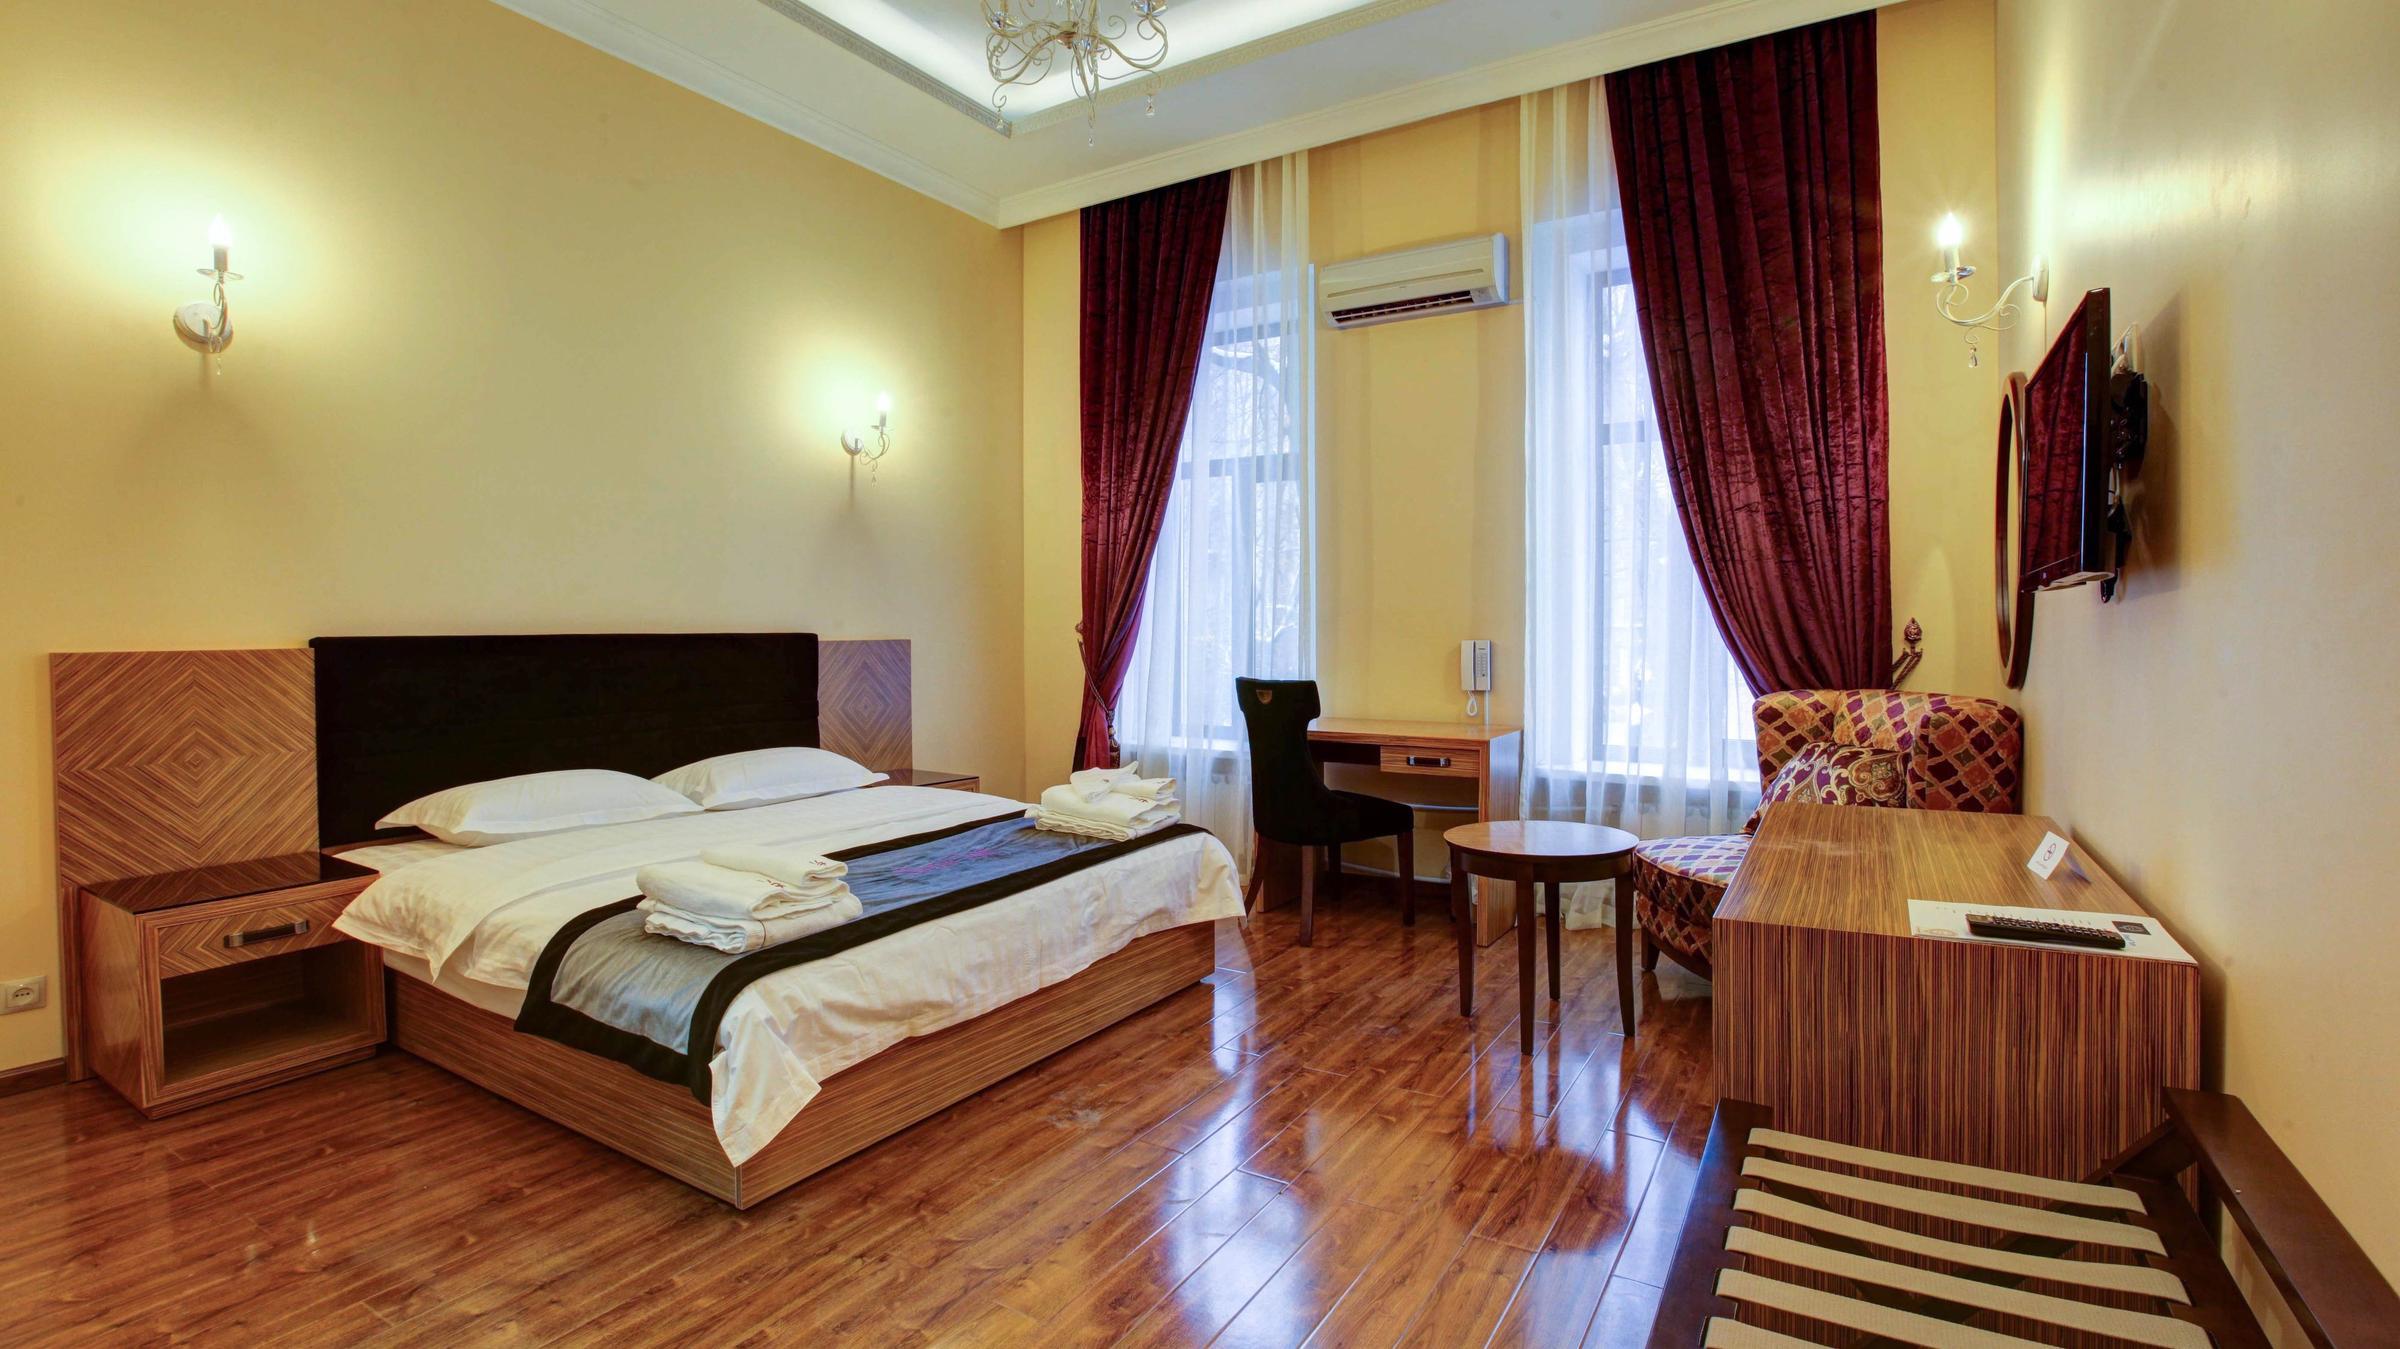 фотография Отеля Sleepy Tom в Старопименовском переулке